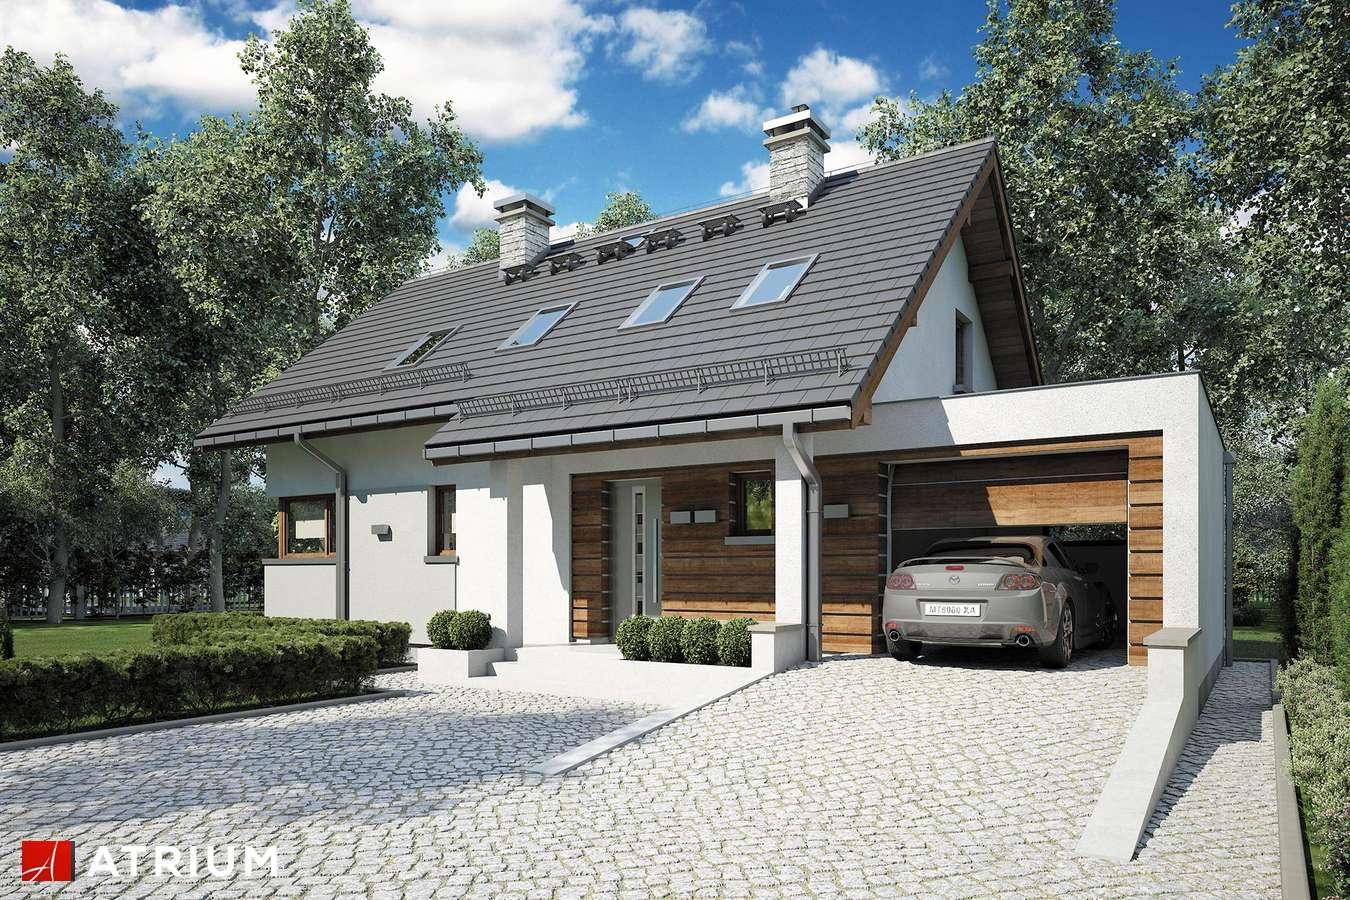 Projekty domów - Projekt domu z poddaszem RUMBA IV - wizualizacja 1 - wersja lustrzana